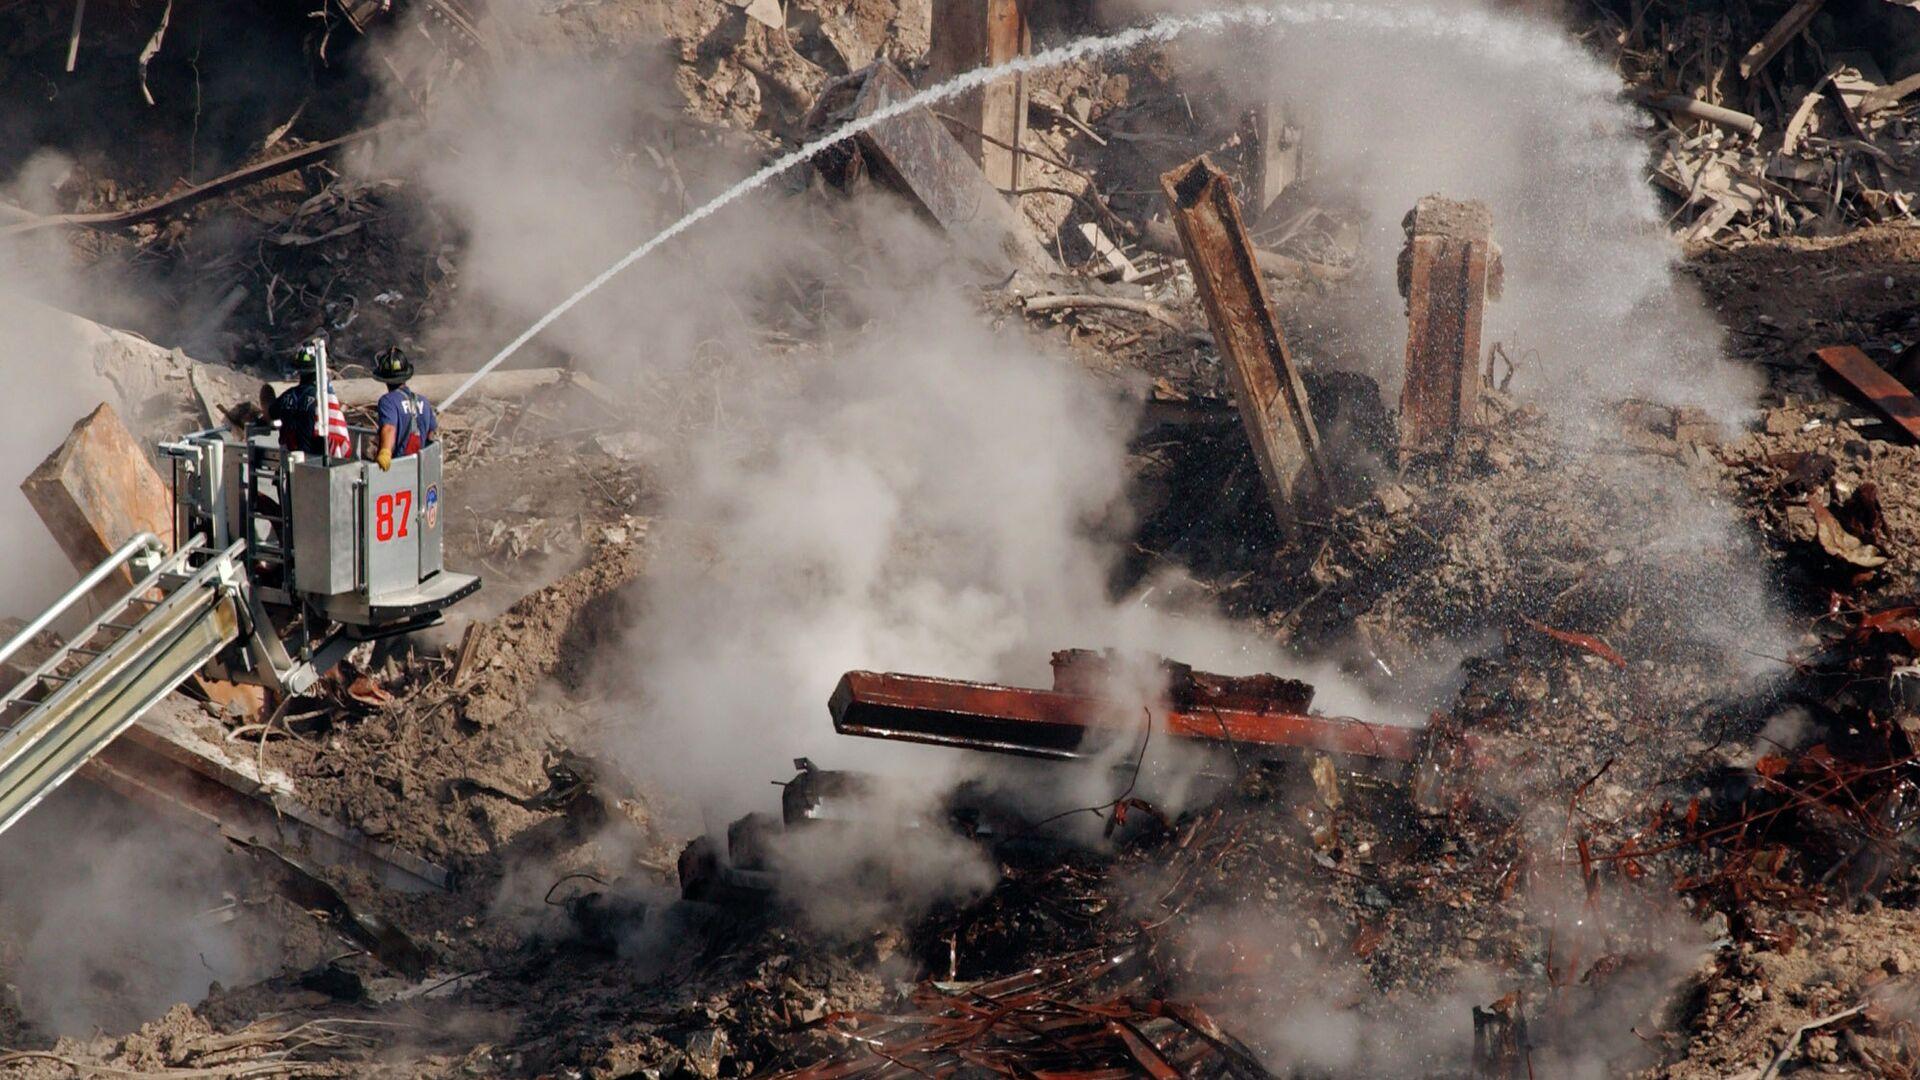 Bomberos entre los escombros del World Trade Center en Nueva York, el 12 de octubre de 2001 - Sputnik Mundo, 1920, 10.09.2021